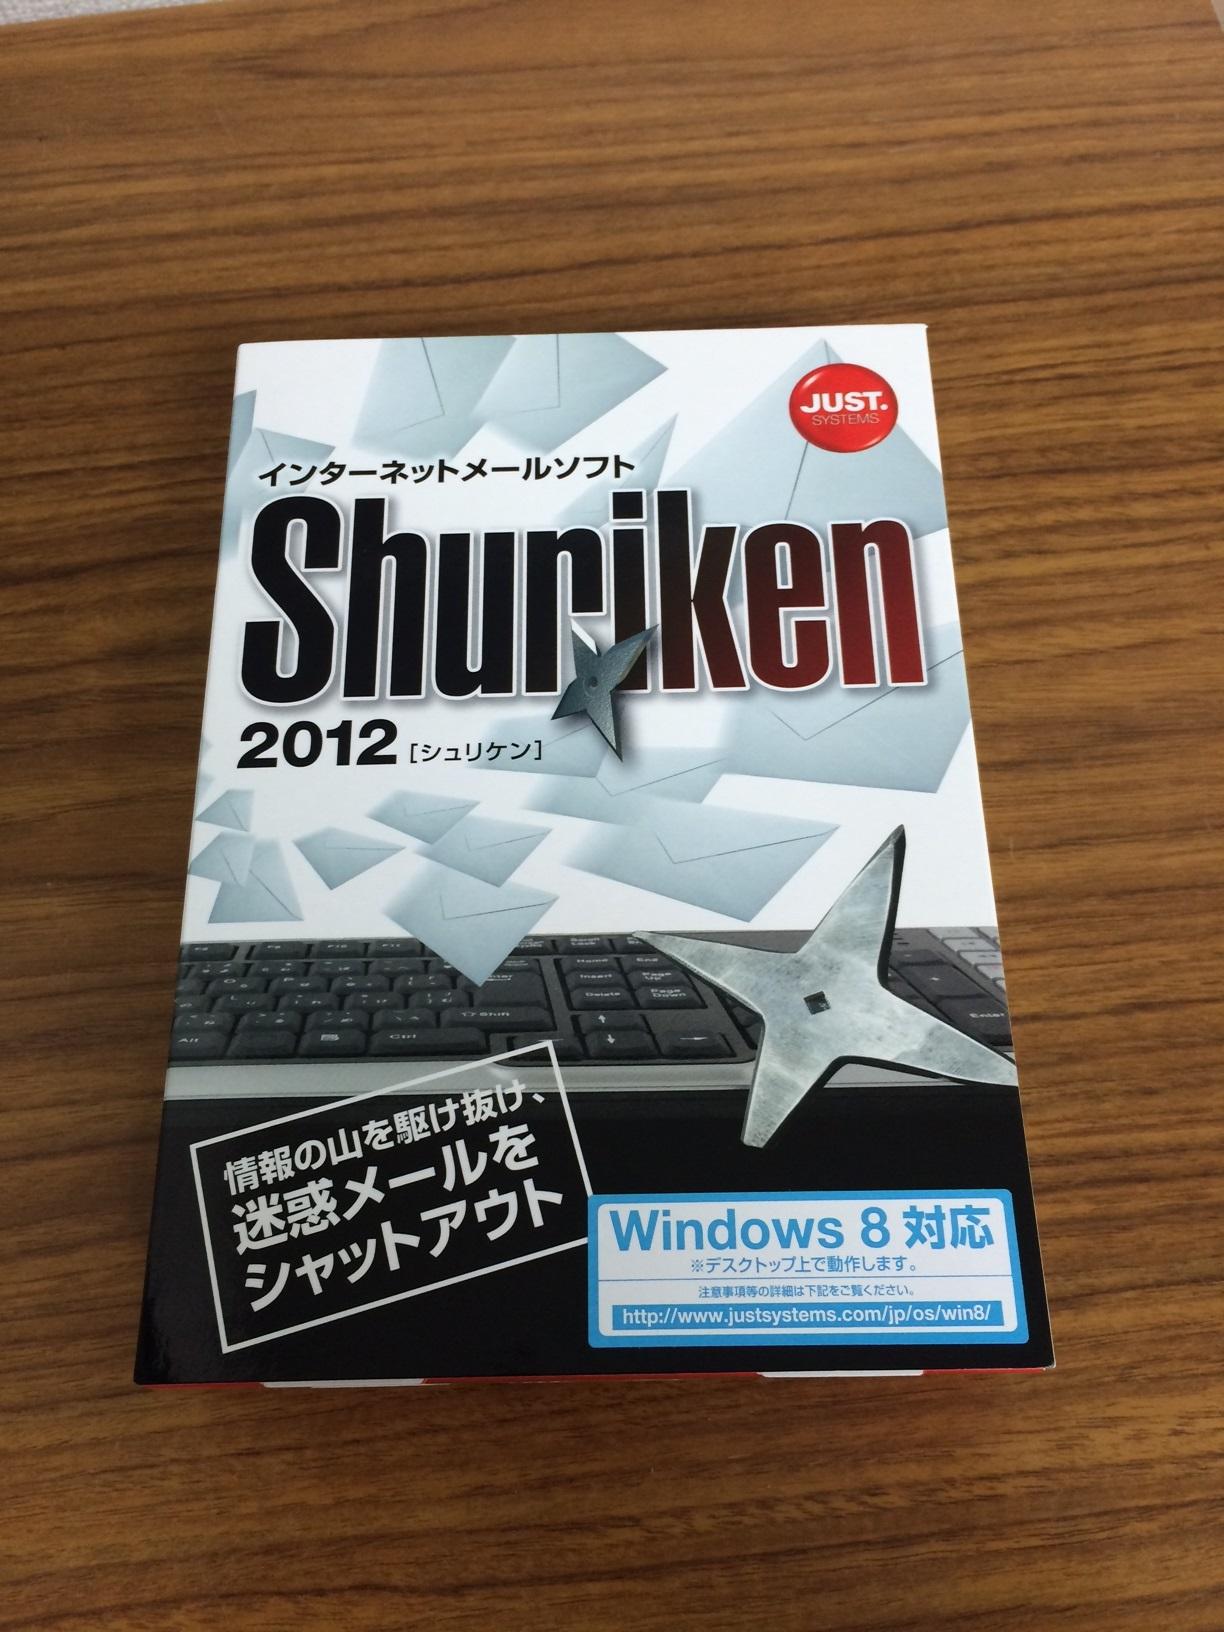 http://www.asuka-g.co.jp/president_blog/Shuriken2012.JPG